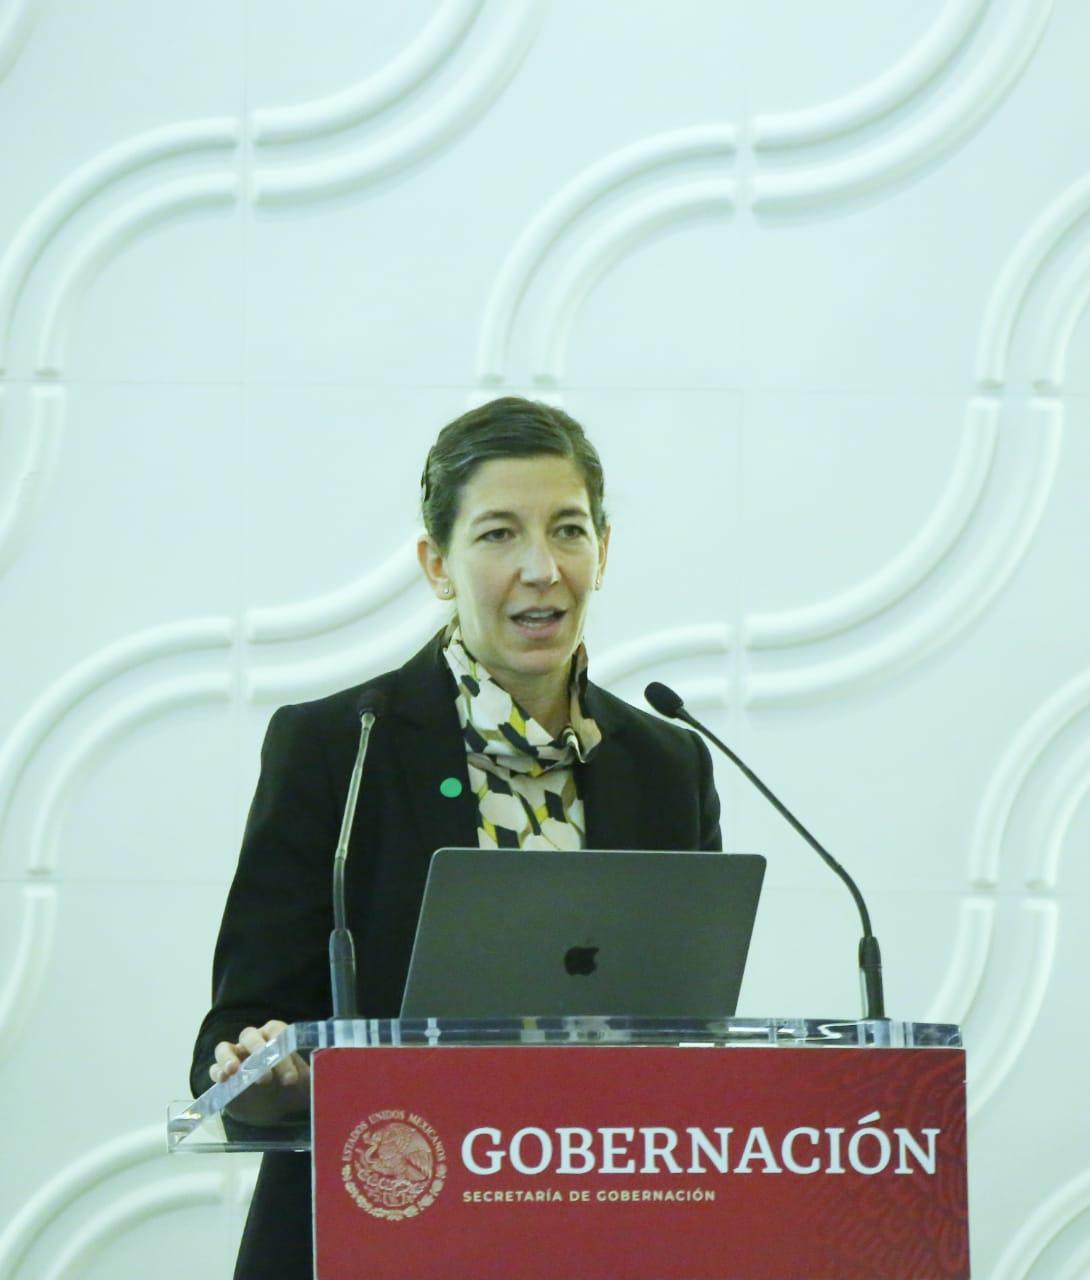 Karla Berdichevsky Feldman, Directora General del Centro Nacional de Equidad de Género y Salud Reproductiva (CNEGSR) de la Secretaria de Salud.